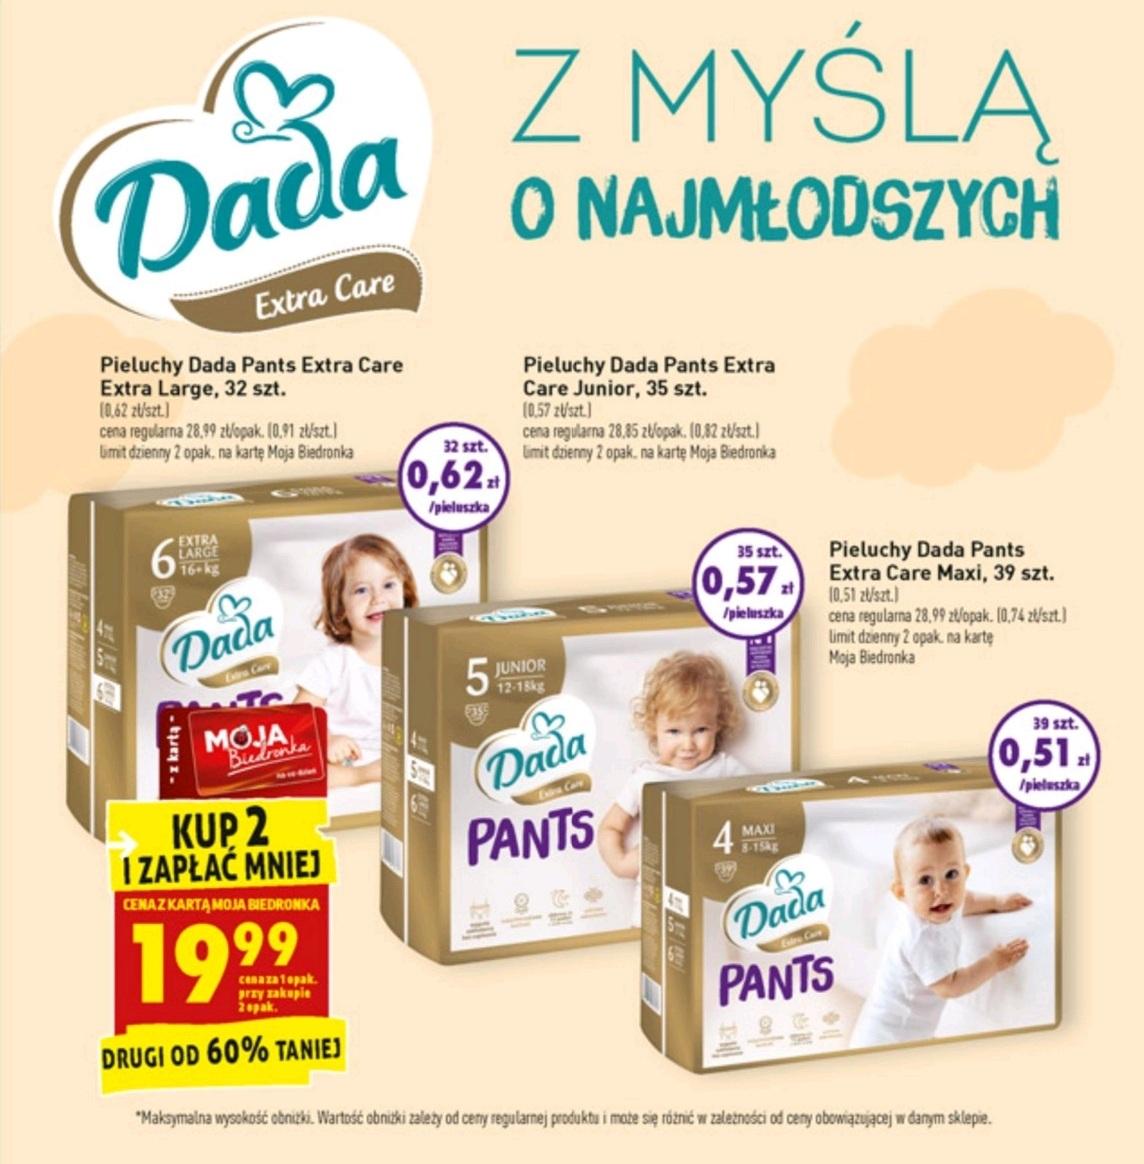 Pieluchomajtki Dada Pants Extra Care - 2 opakowanie 60% taniej - Biedronka